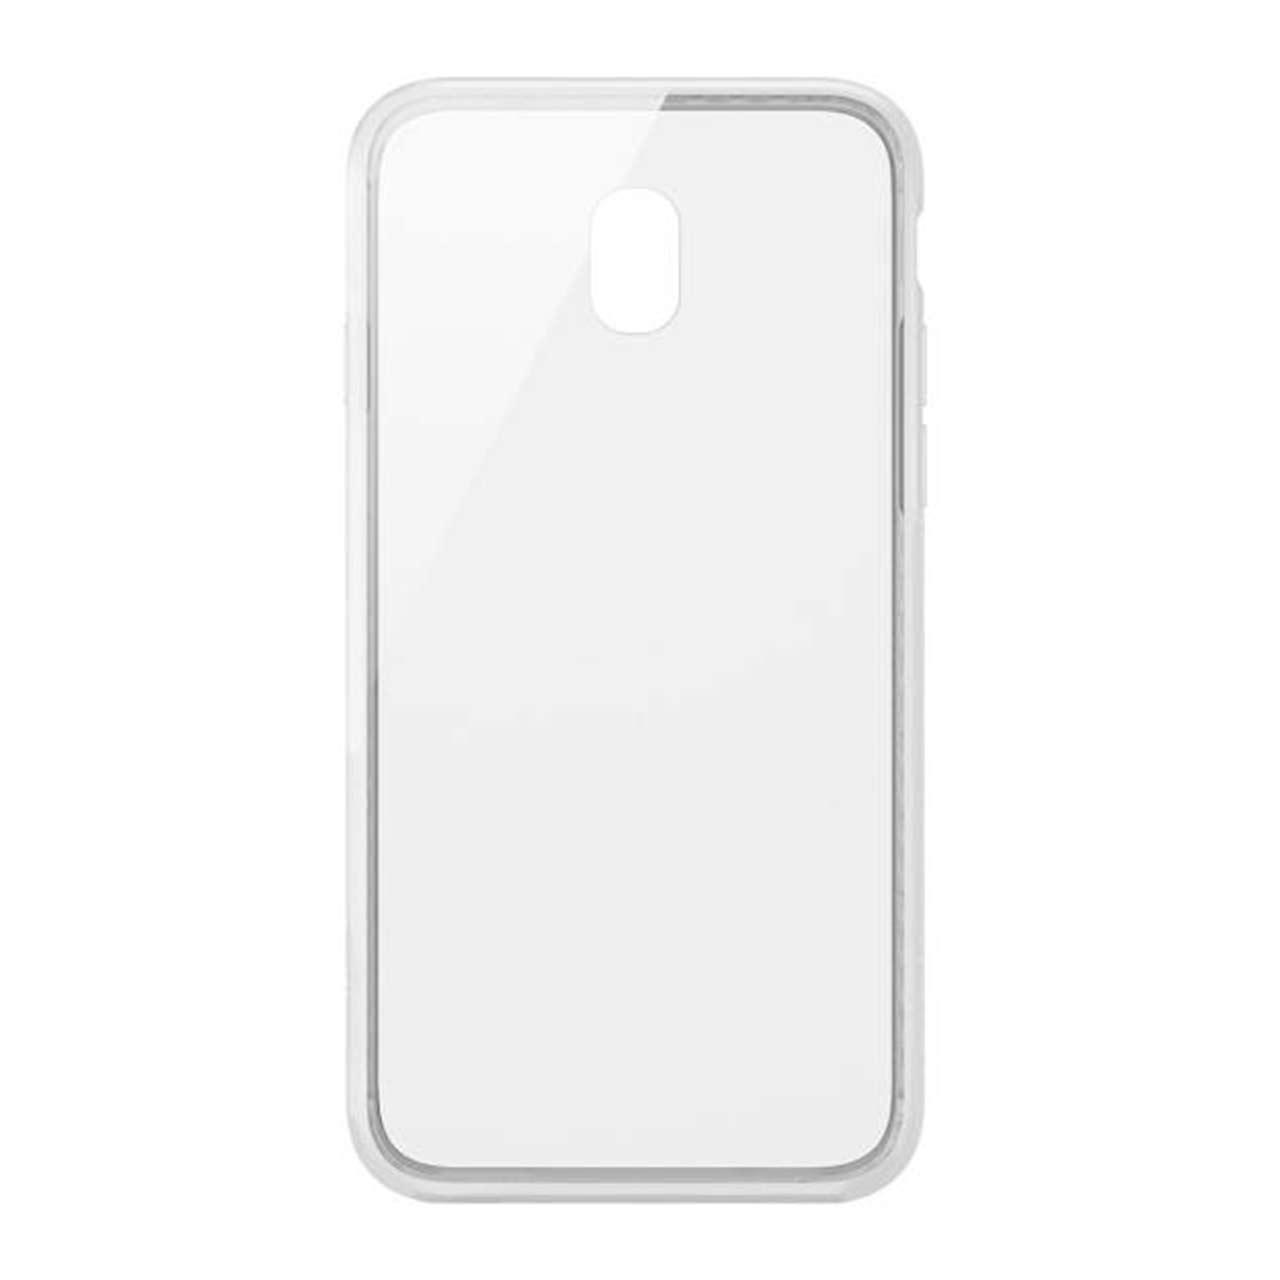 کاور مناسب برای گوشی موبایل سامسونگ Galaxy J7 Pro